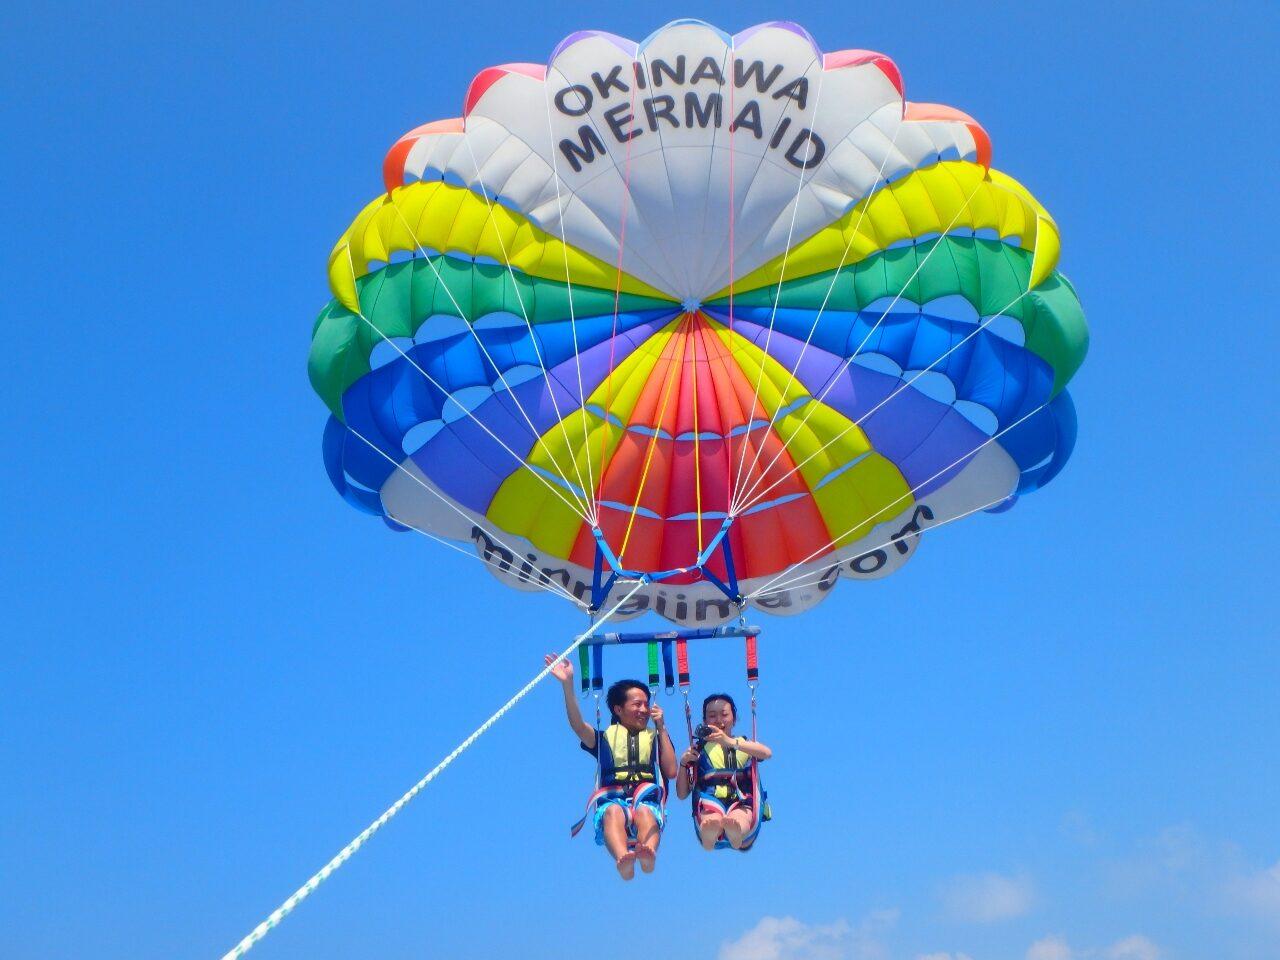 沖縄来たなら、パラセーリングで決まり!【沖縄マリンスポーツ専門店☆水納島マーメイド】